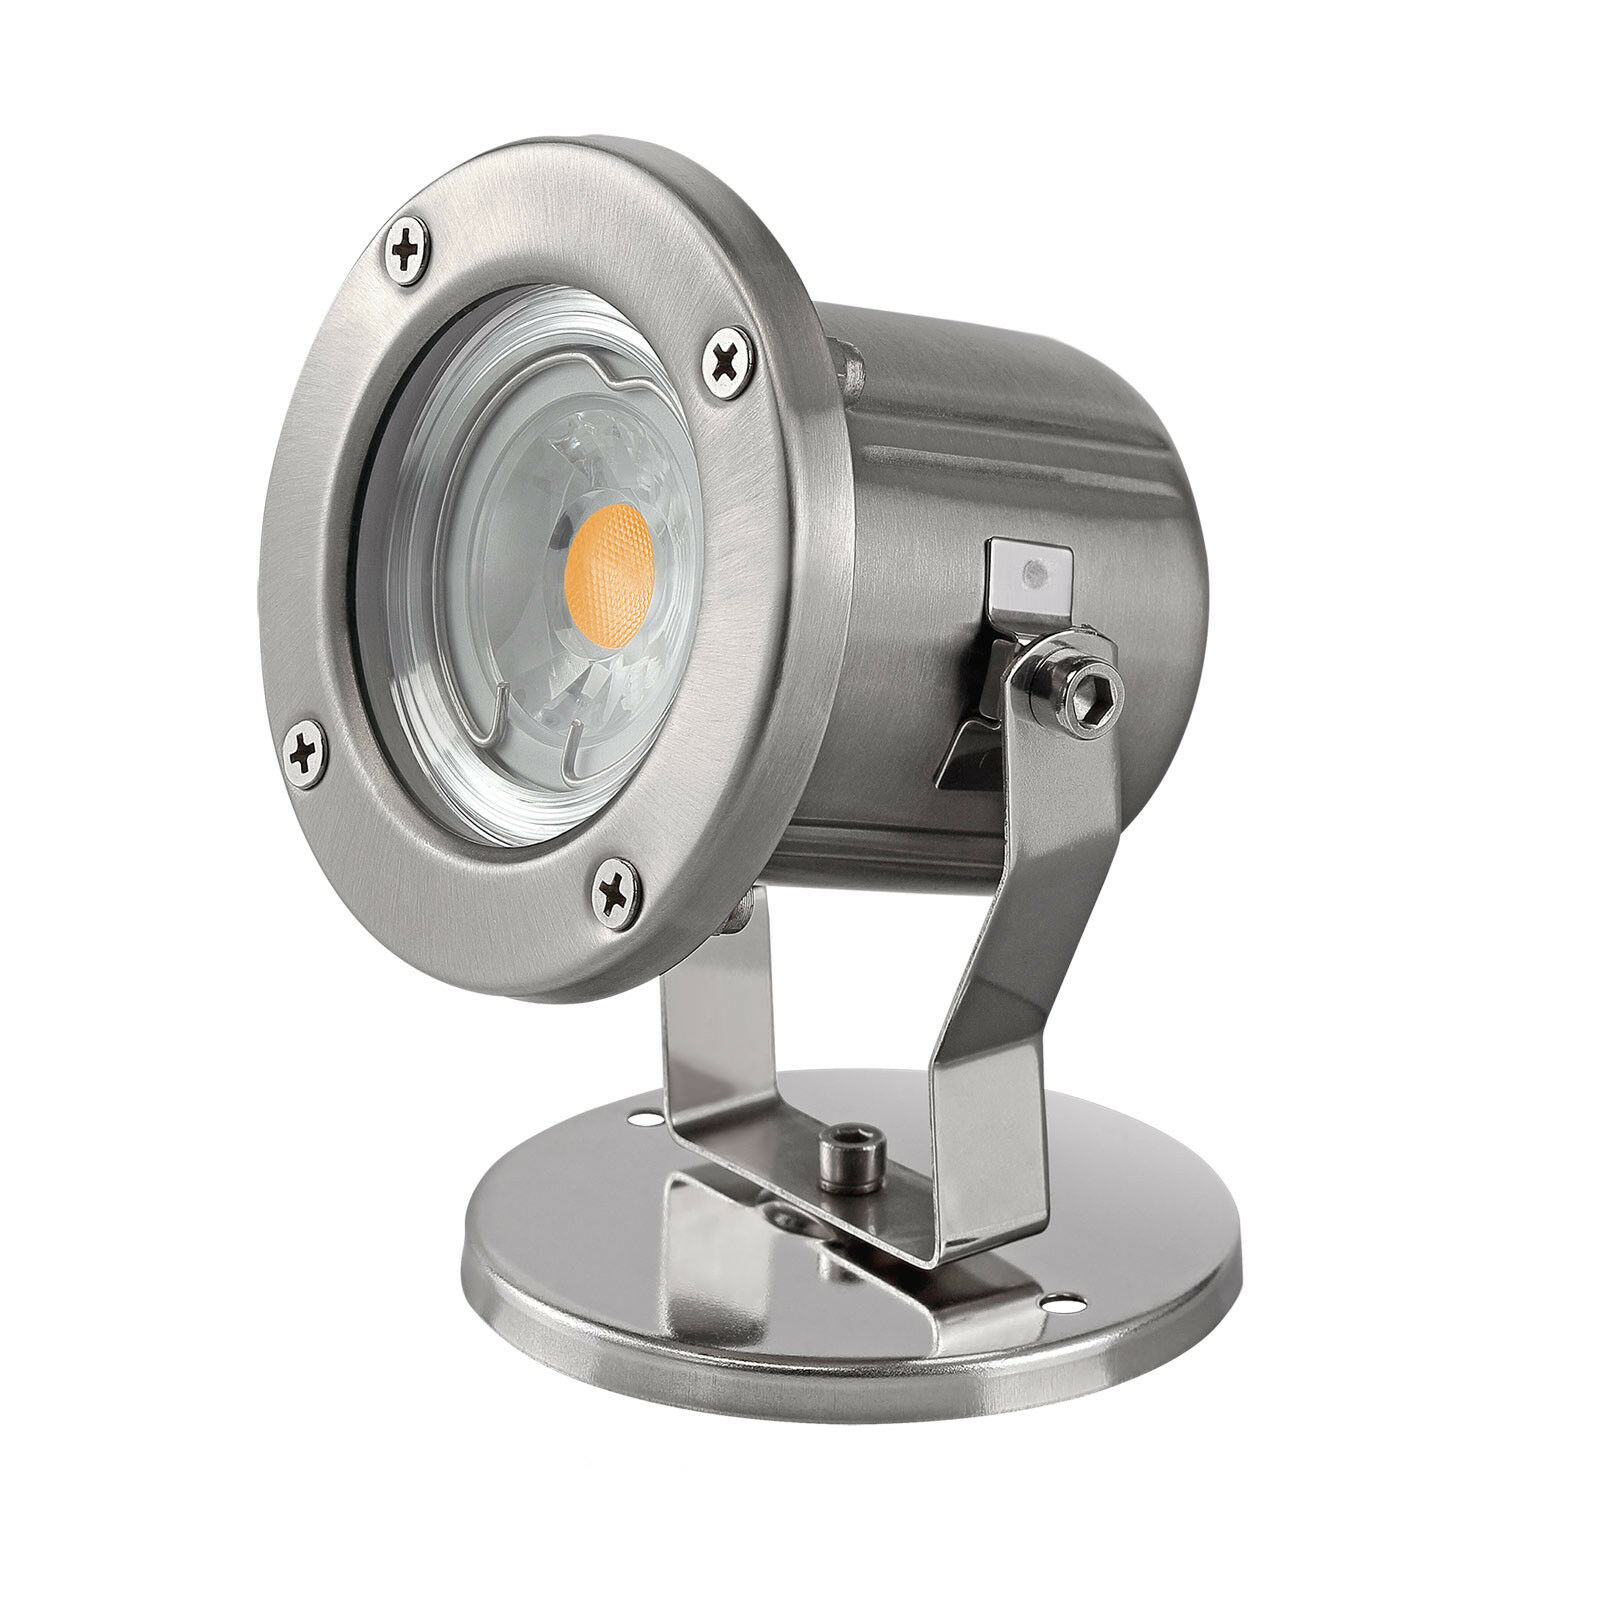 Edelstahl Teichleuchte Gartenlampe Außenstrahler Außenleuchte LED COB GU10 Teich